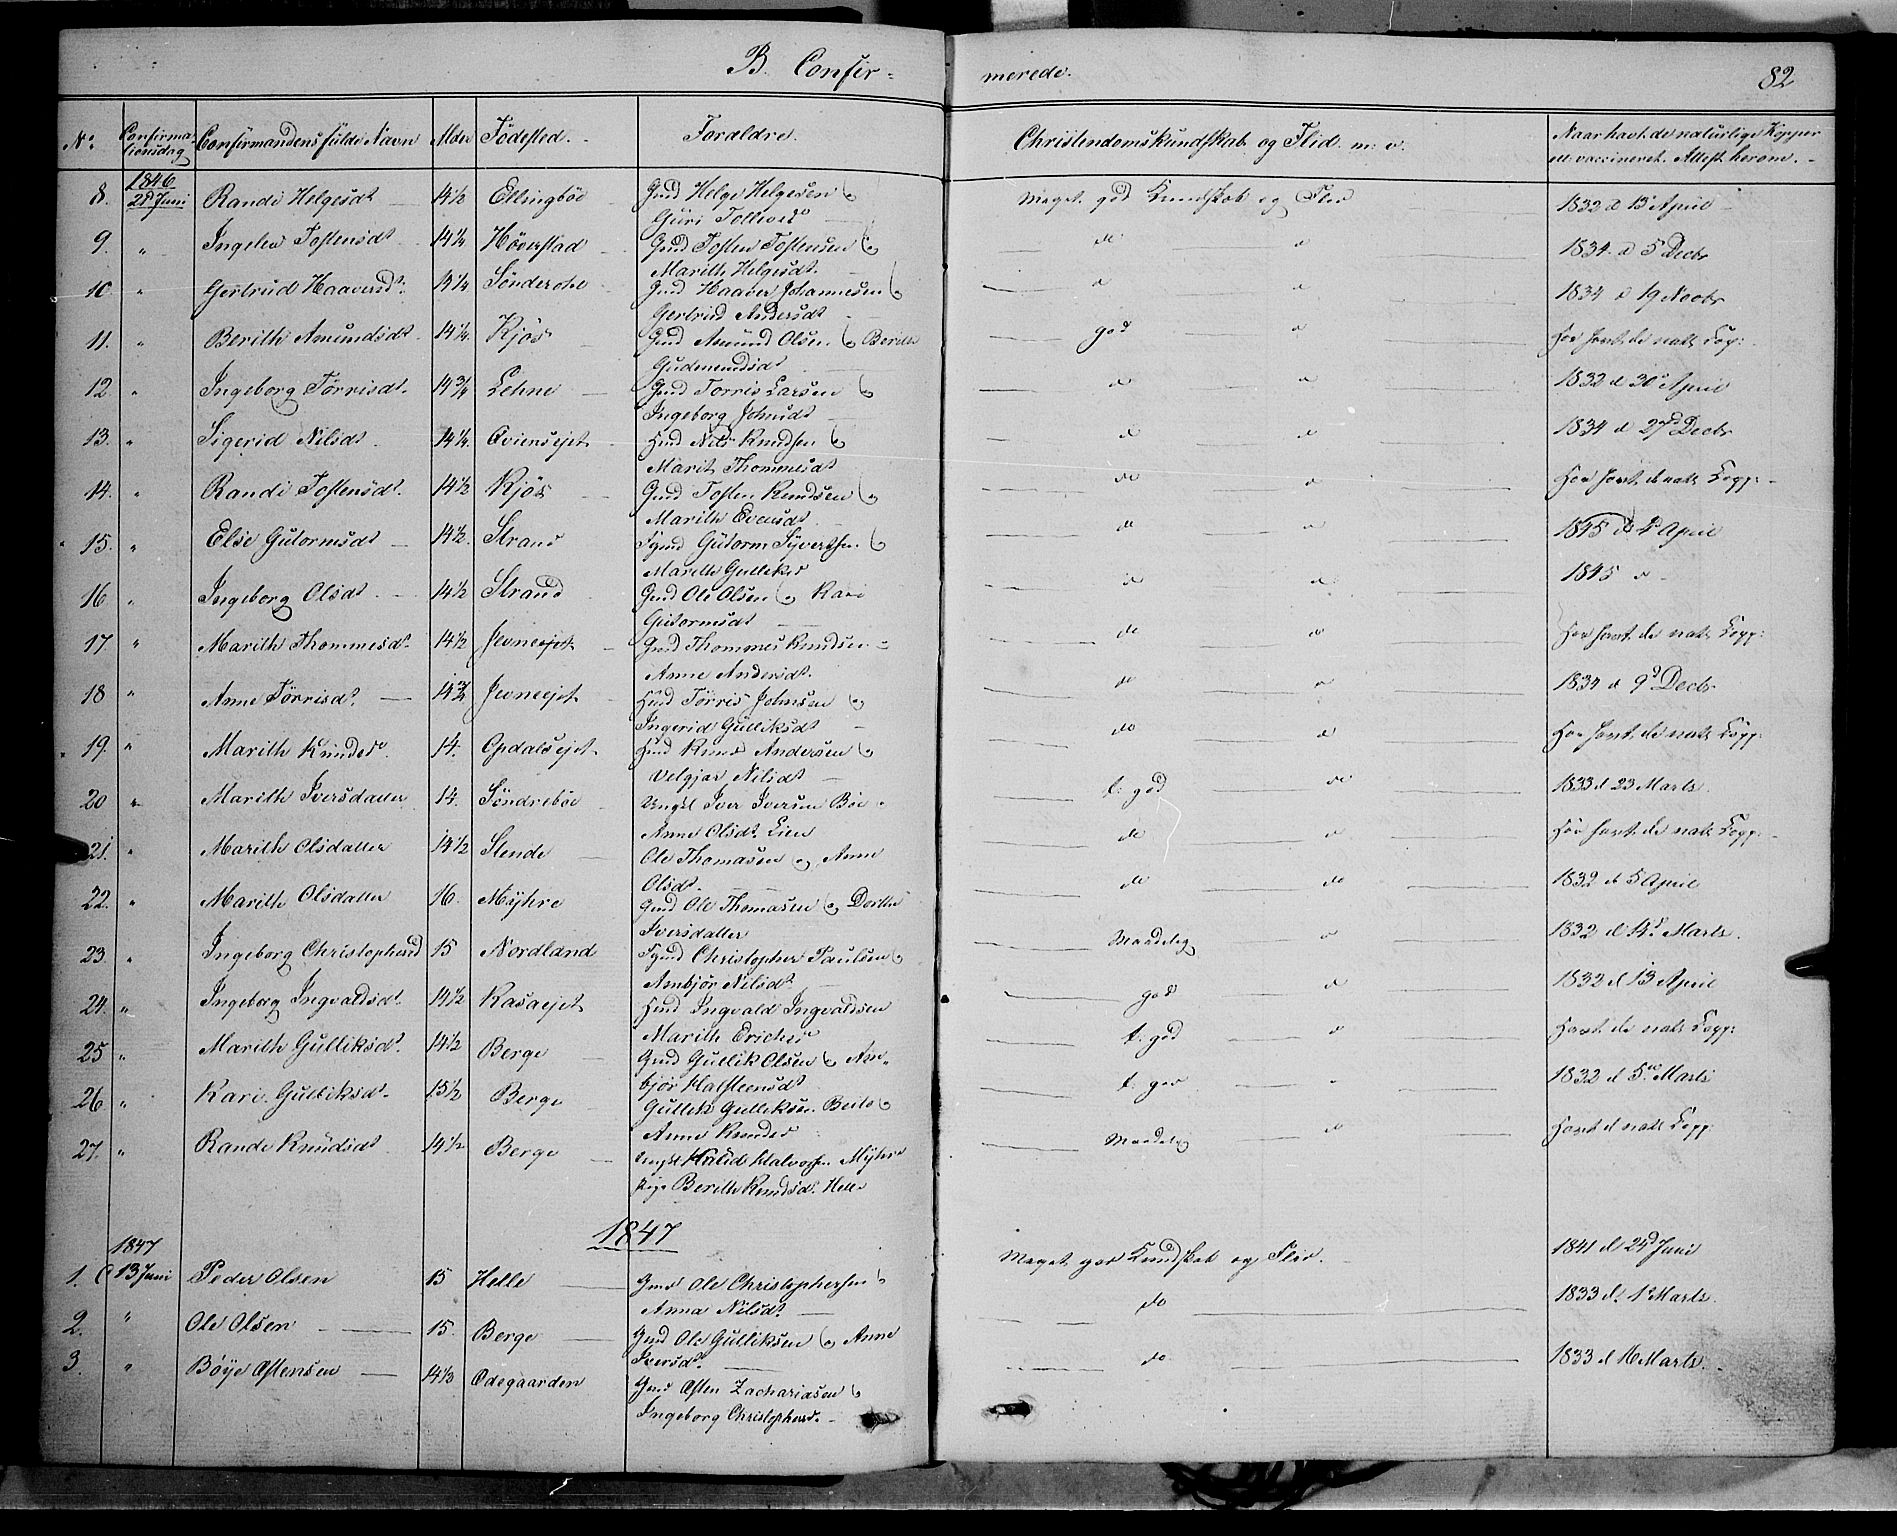 SAH, Vang prestekontor, Valdres, Ministerialbok nr. 6, 1846-1864, s. 82